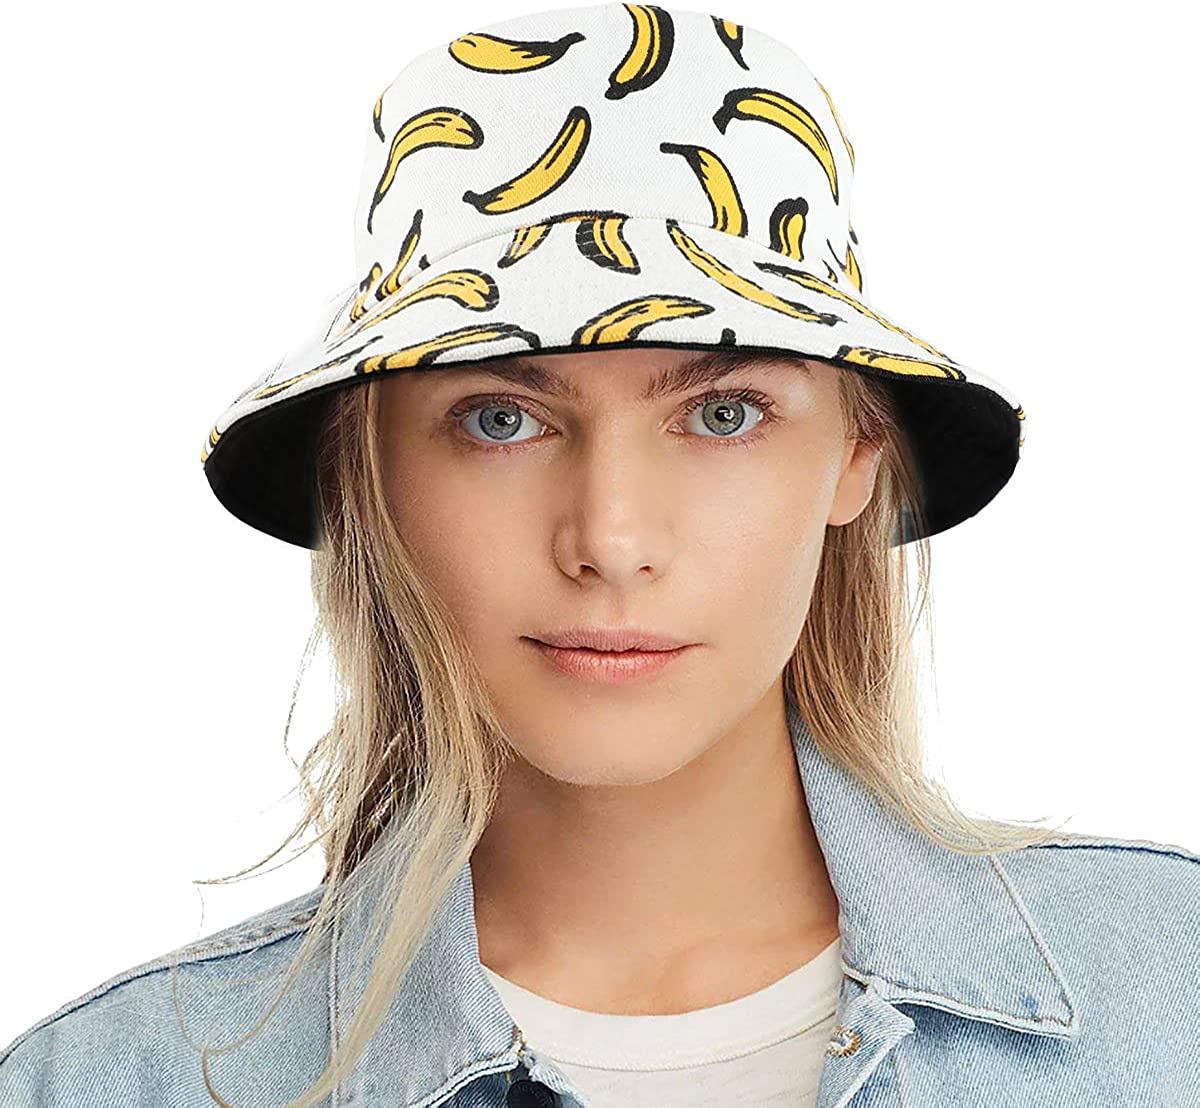 Tacobear Unisex Bucket Hat Cappello alla Pescatora Cappello da Sole in Tela a Stampa Frutta Regolabile Spiaggia Cappello di Sun per Donna Uomo Viaggio Spiaggia Banana Bianca